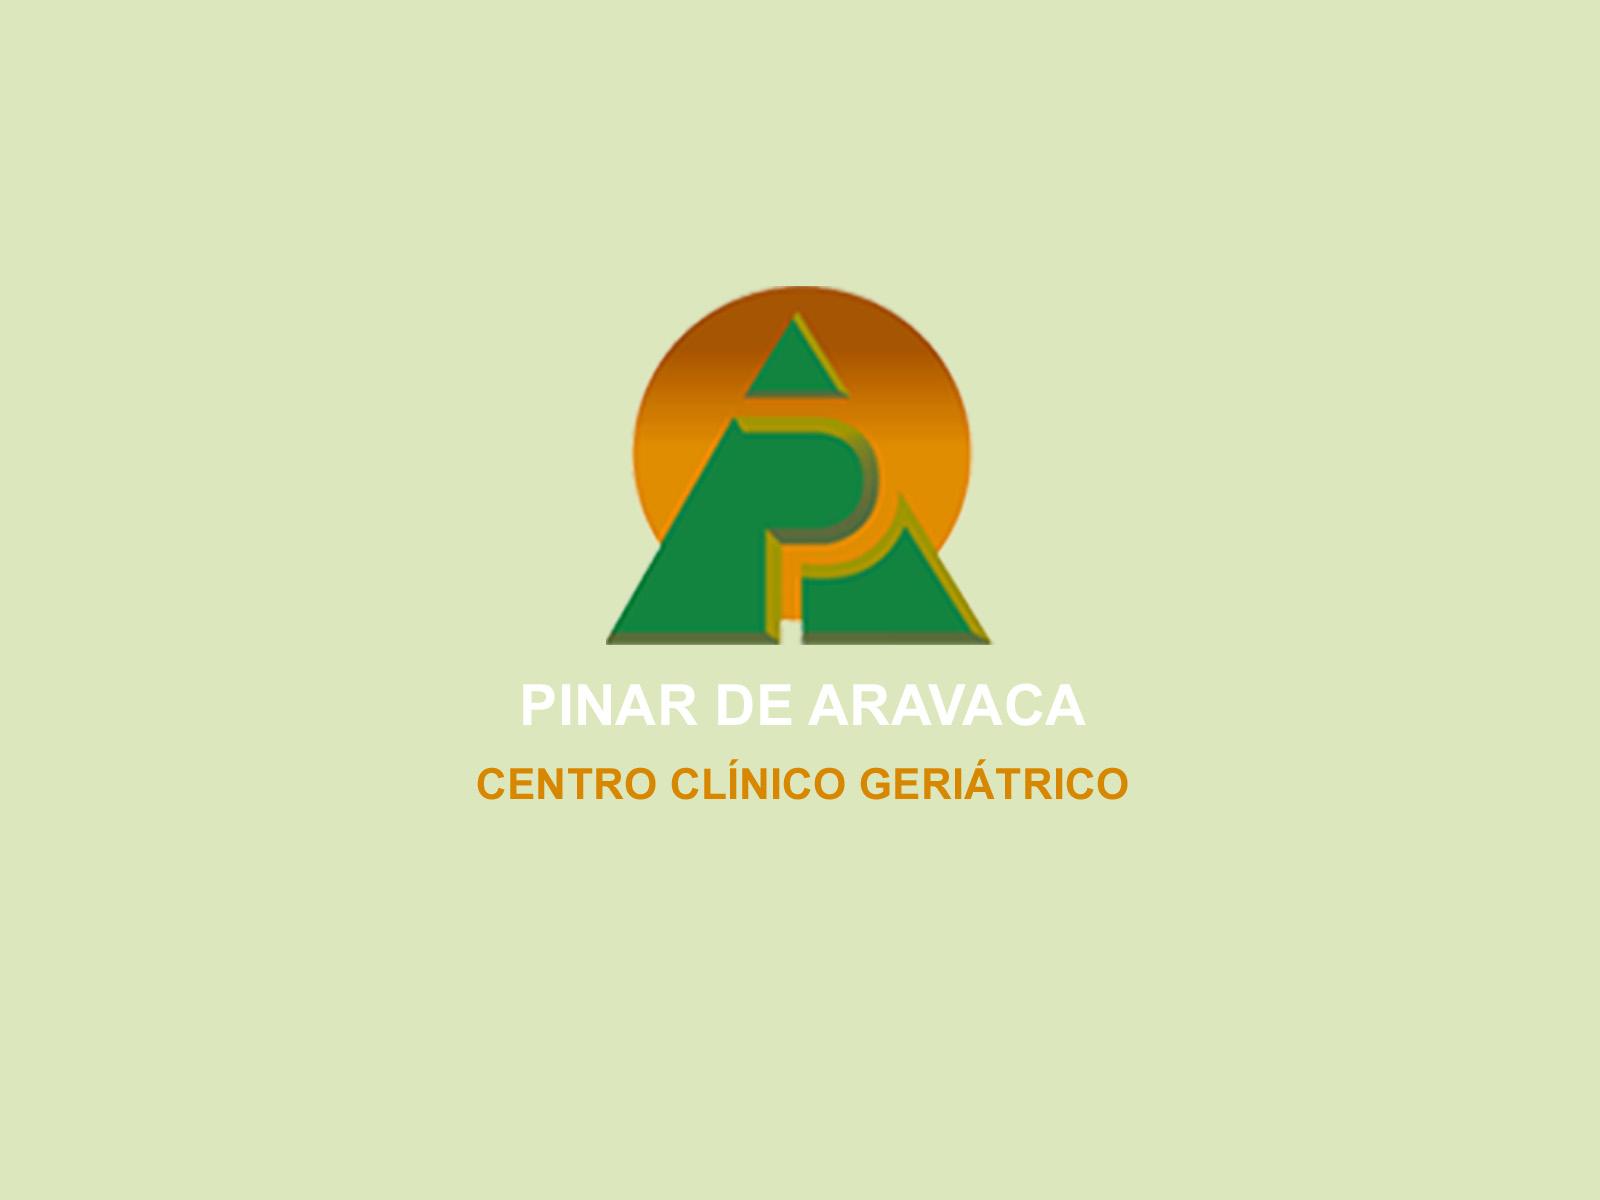 Residencia pinar de aravaca - Centro de salud aravaca ...